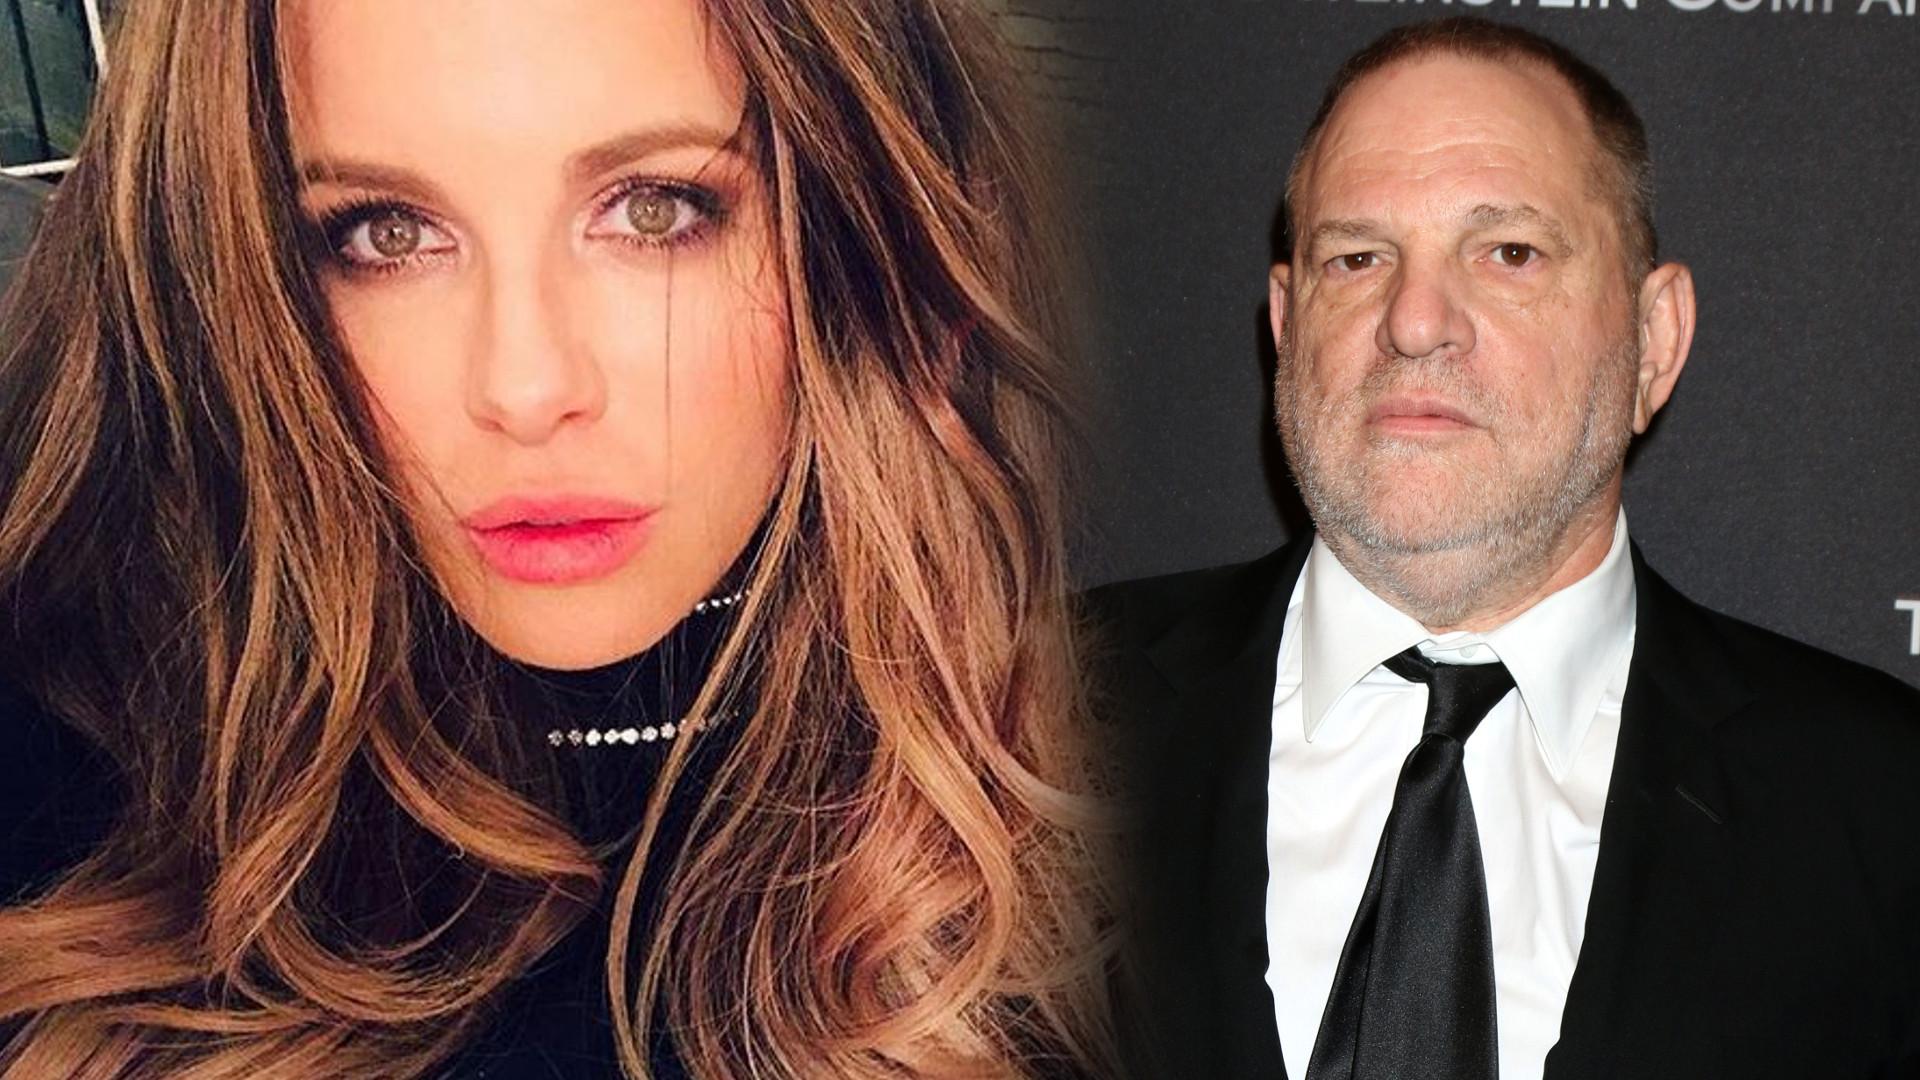 Kate Beckinsale wspomina WSTRZĄSAJĄCE spotkanie z Harveyem Weinsteinem. Był na nią wściekły za ubiór